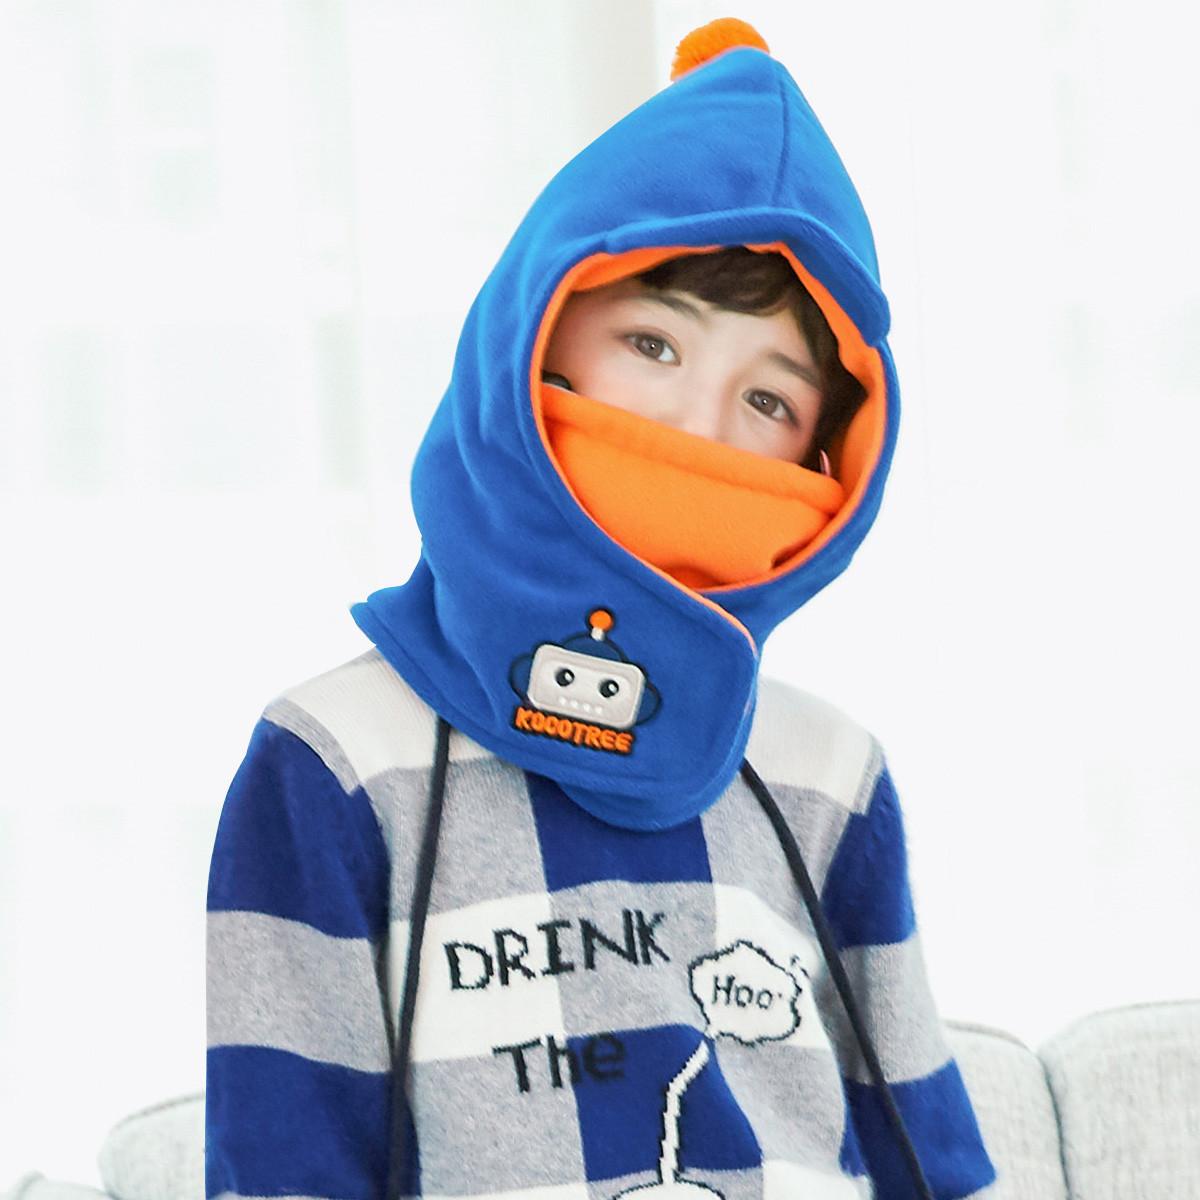 kocotreekocotree 秋冬新款儿童帽子男童女童口罩围脖护耳一体宝宝帽子保暖套头帽KQ18074100